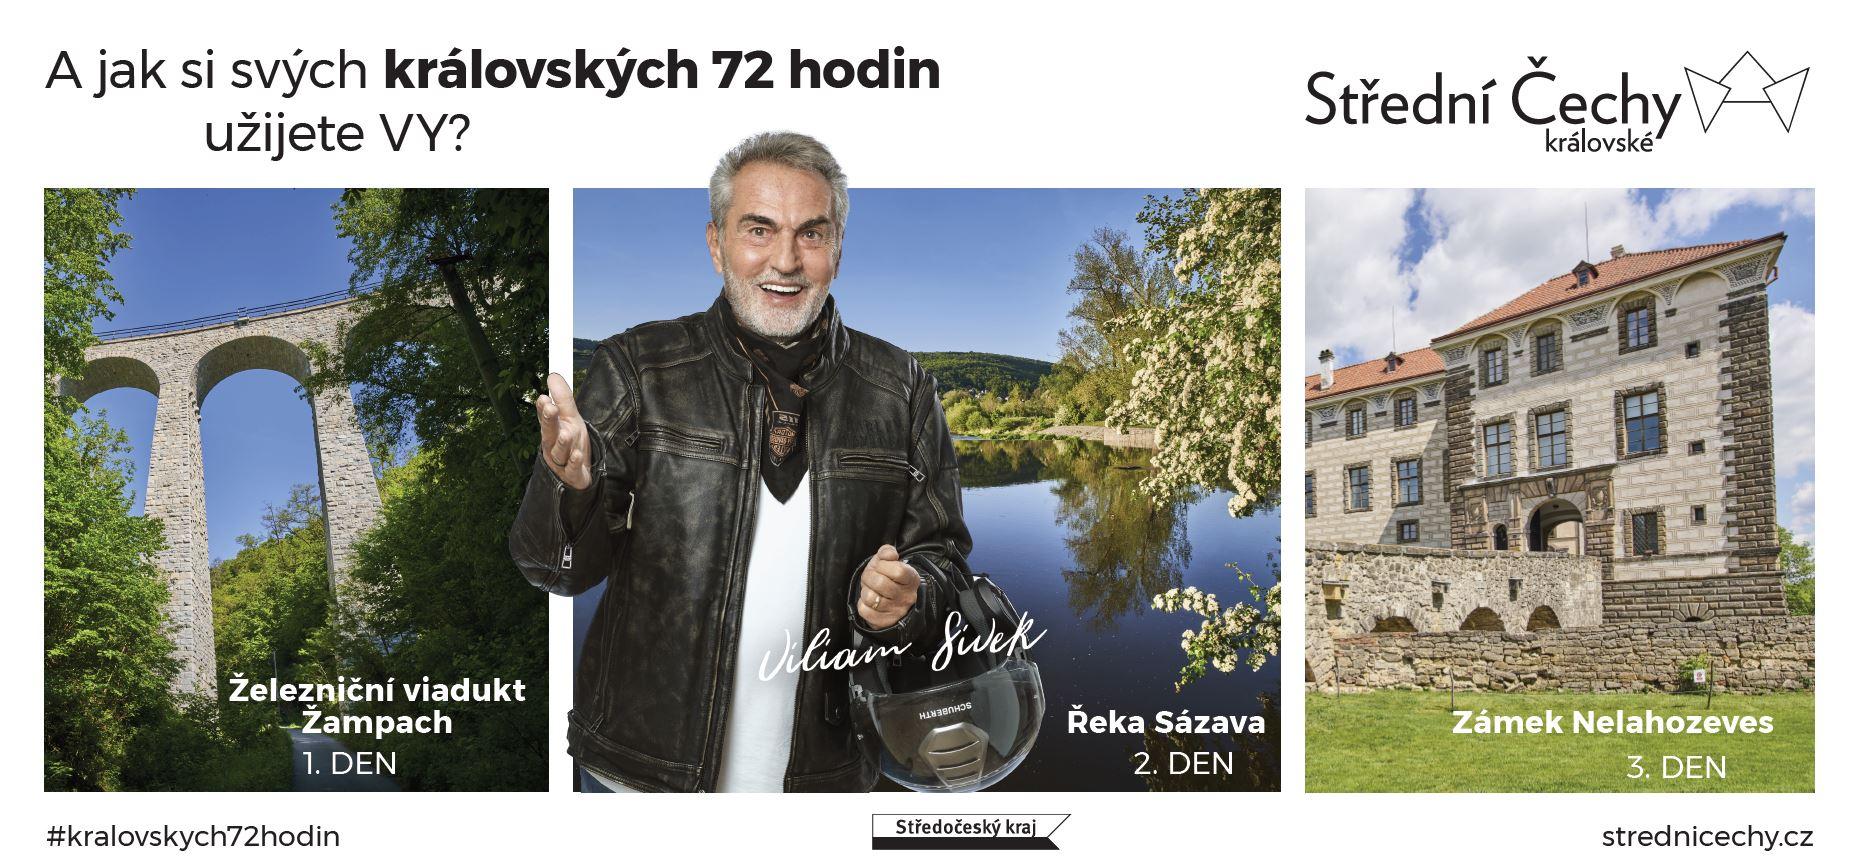 Viliam Sivek v kampani Střední Čechy královské